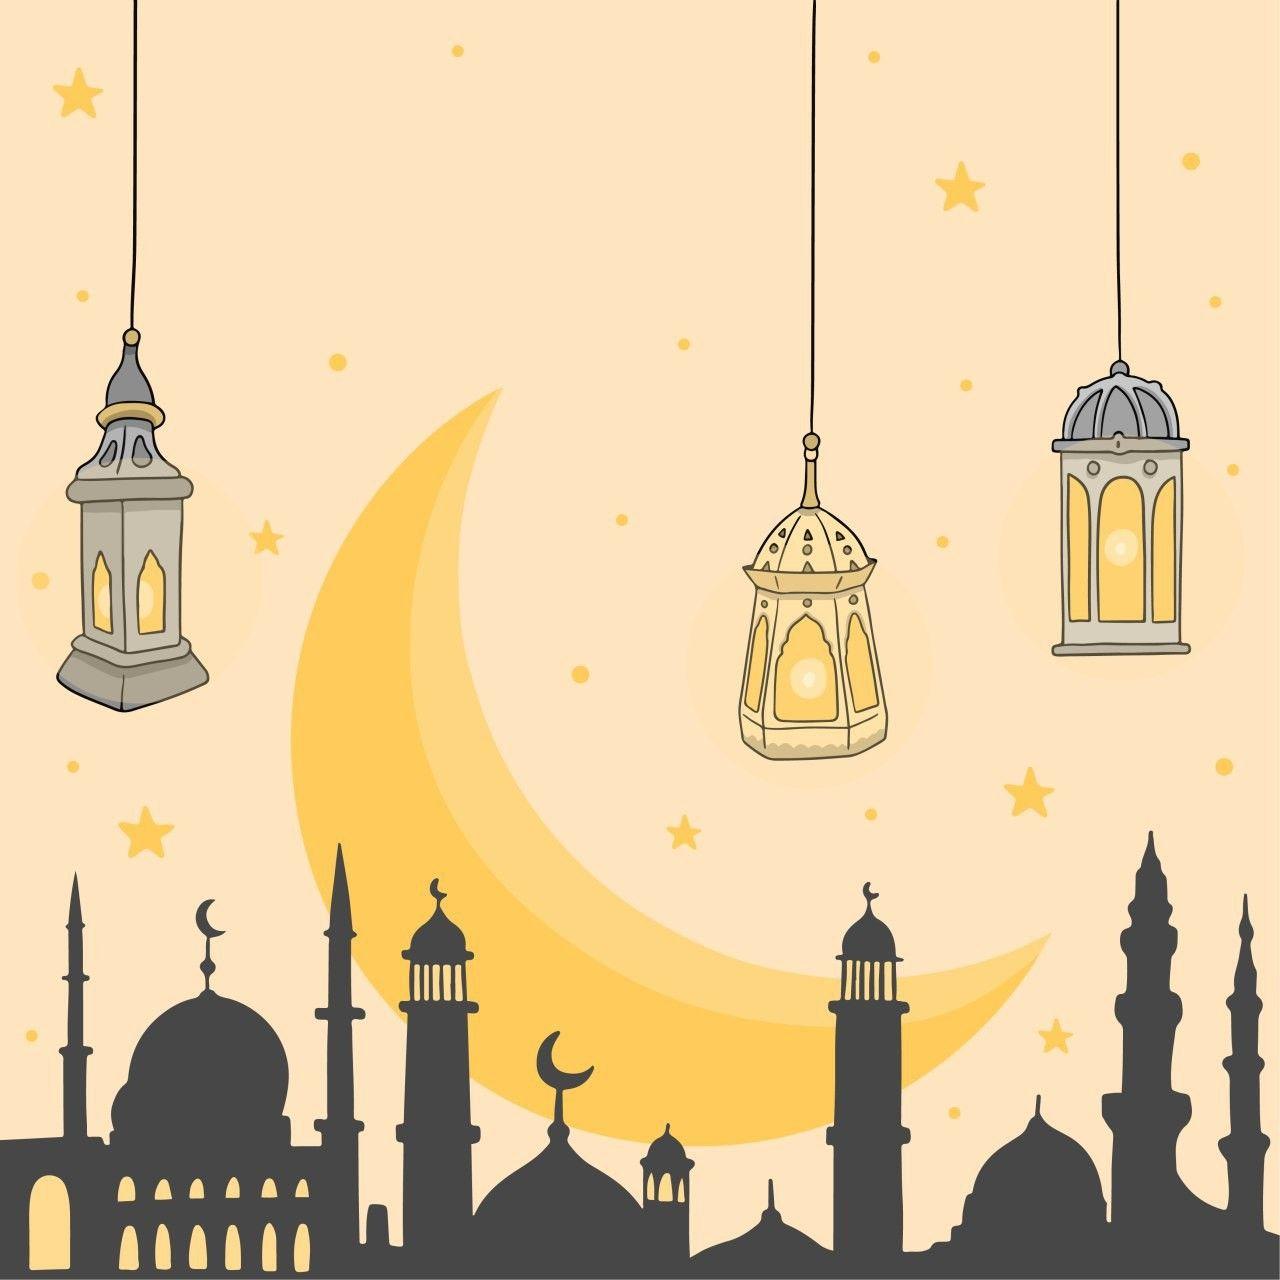 Pin Oleh Galerycy Di بطاقات لرمضان للكتابة عليها Seni Islamis Latar Belakang Seni